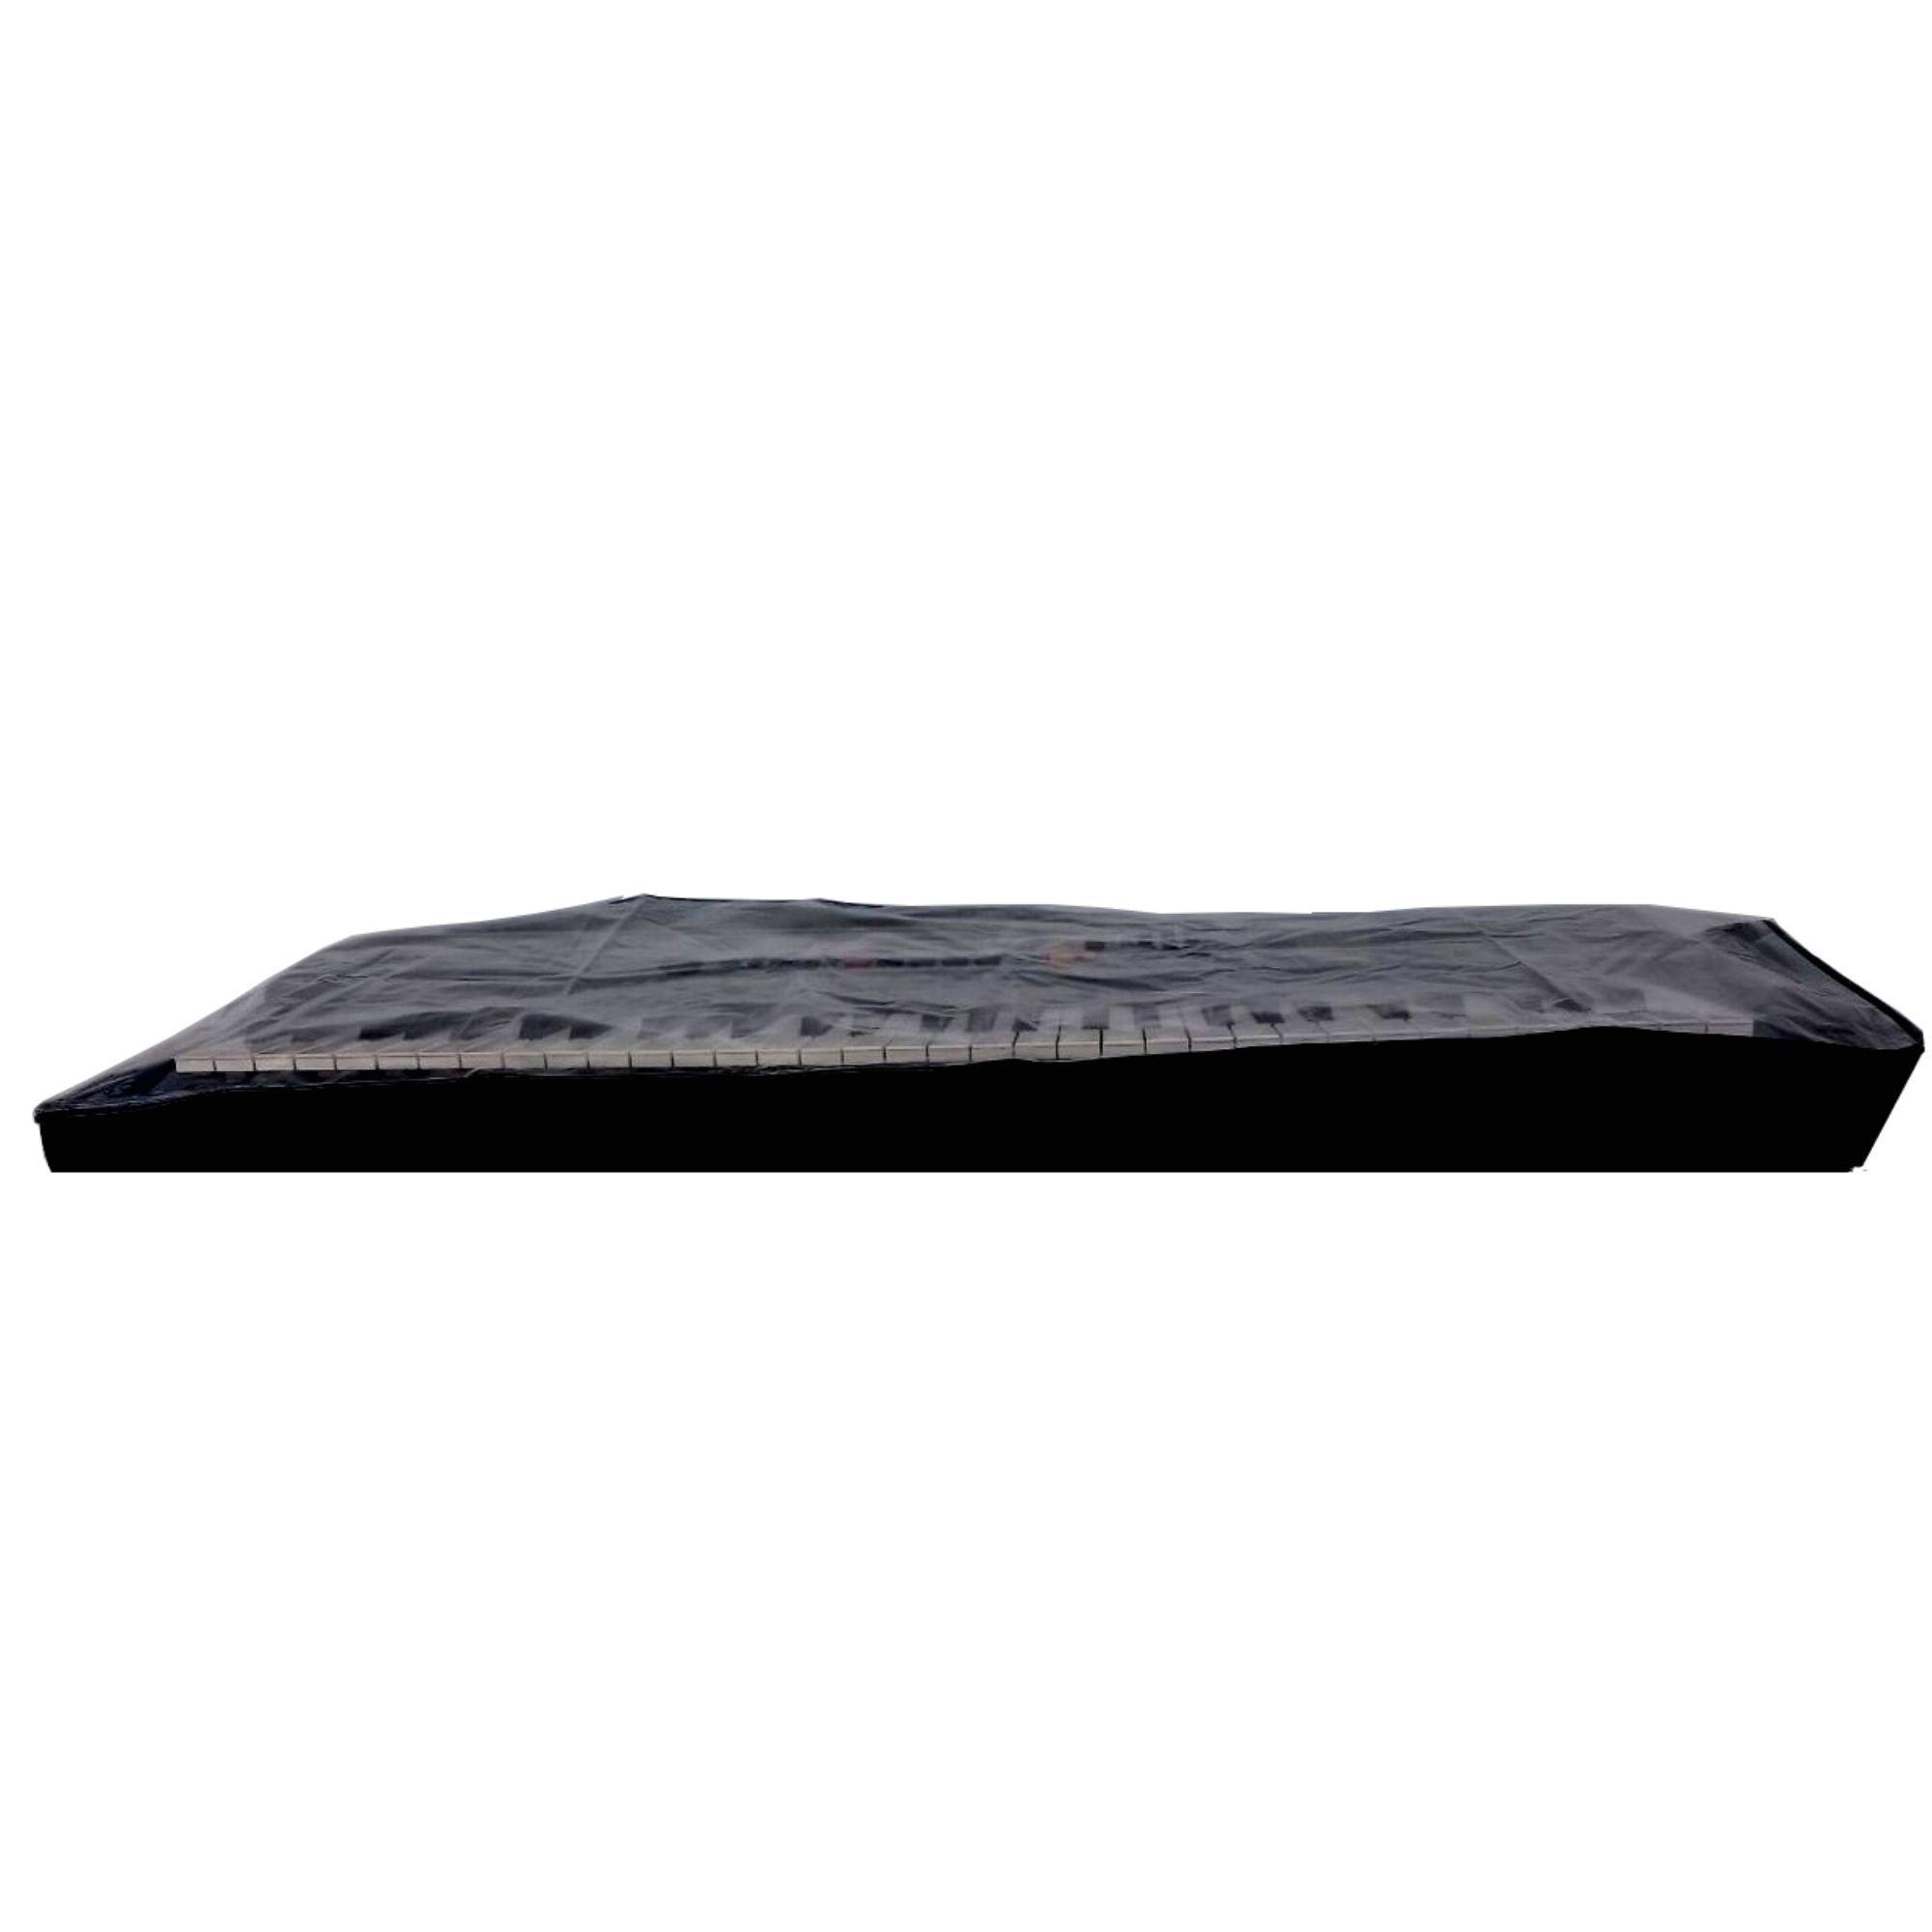 Capa para exposição de Teclados XPS 10, UMX 610 e outros. Proteção contra poeira (101 x 23 x 10 cm)